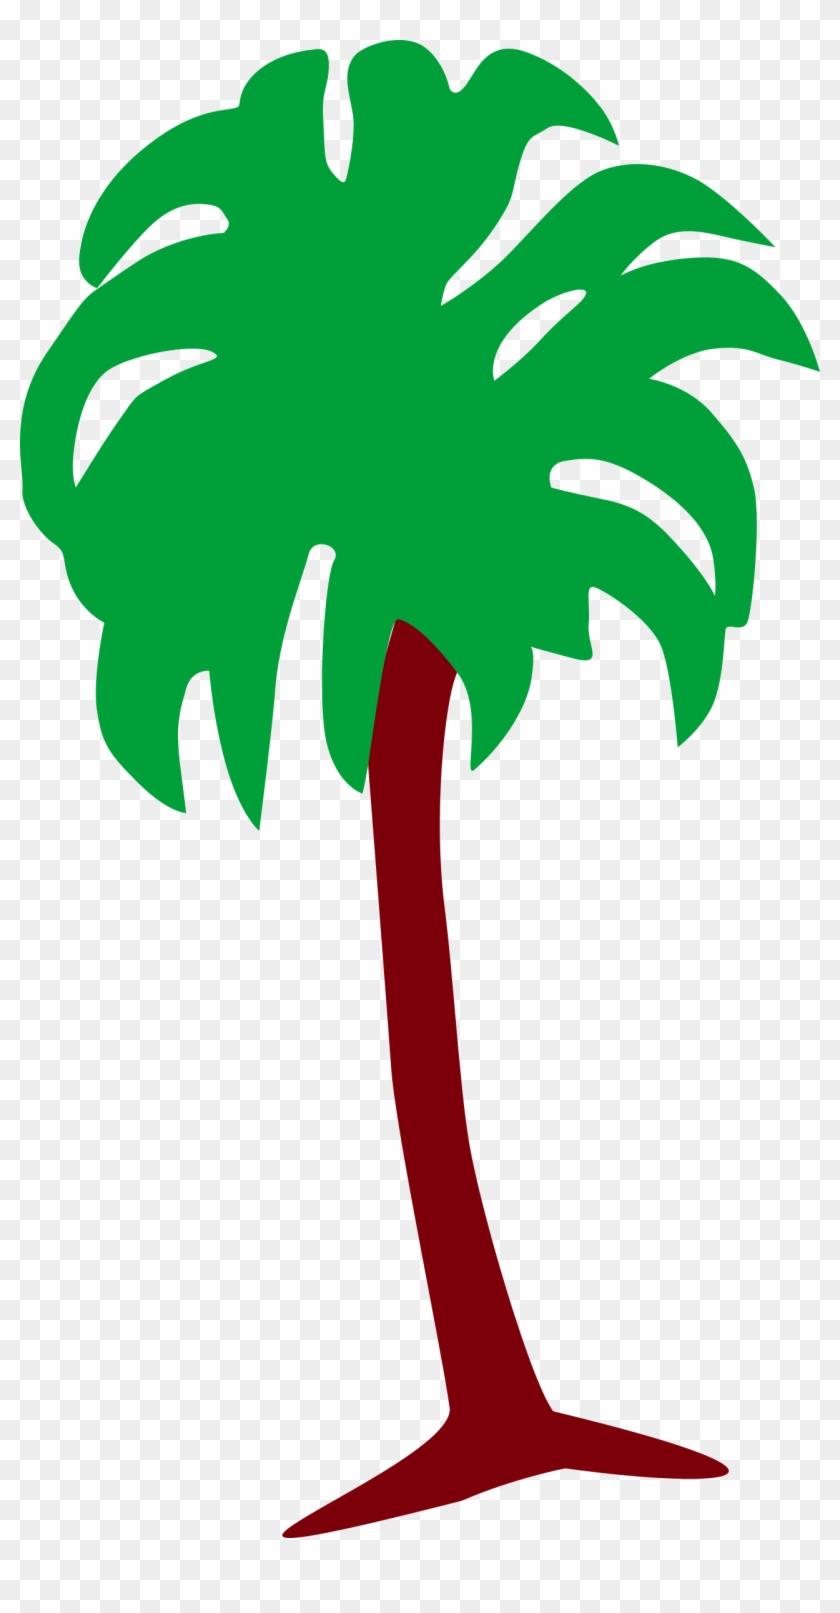 Palm Tree 3 - Tree #9833